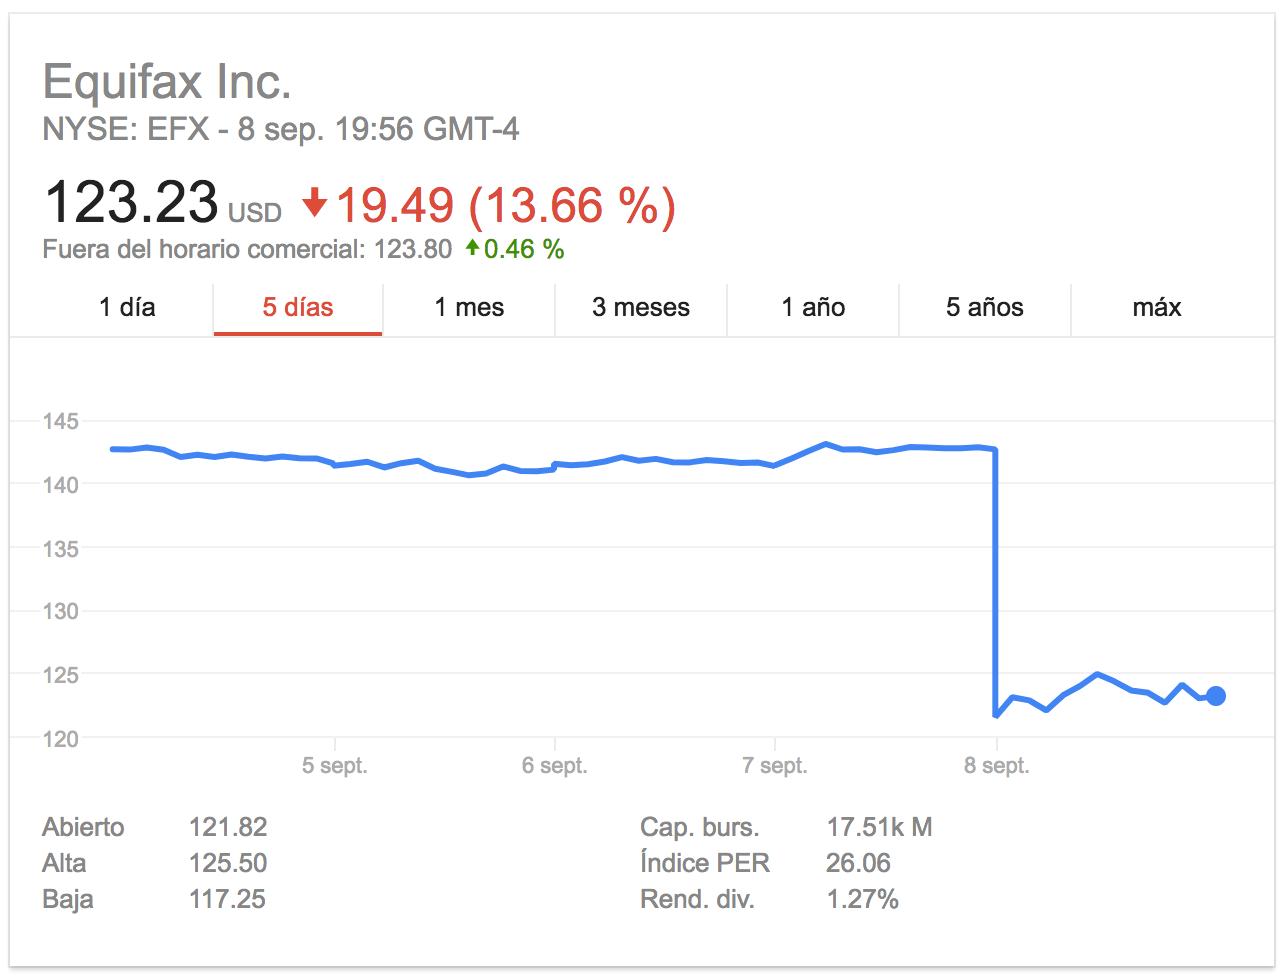 Caída de las acciones de Equifax en el NYSE.